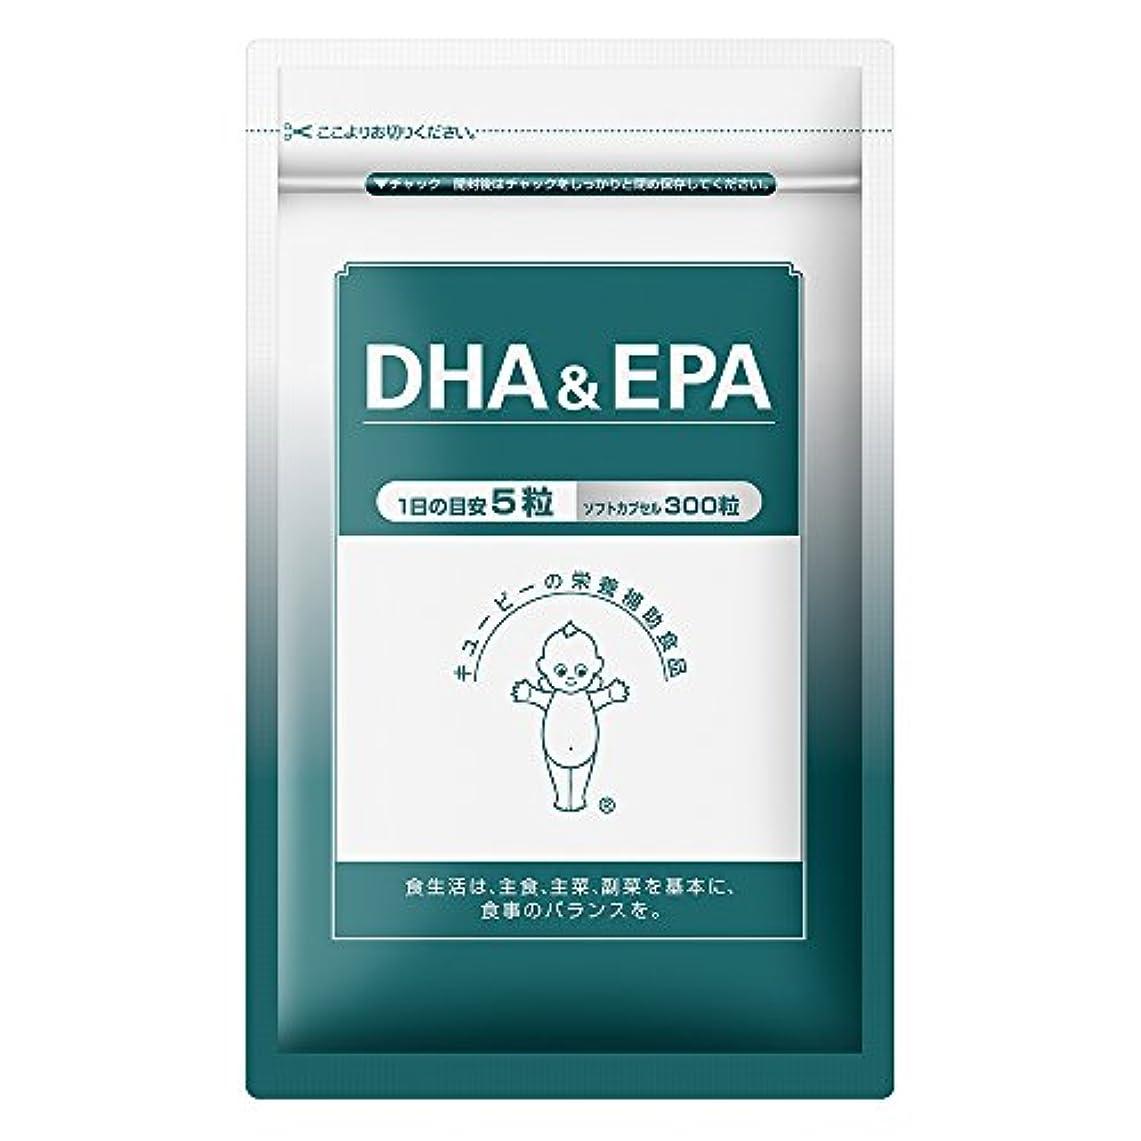 宿題中毒ブロックするキユーピー DHA&EPA 60日分